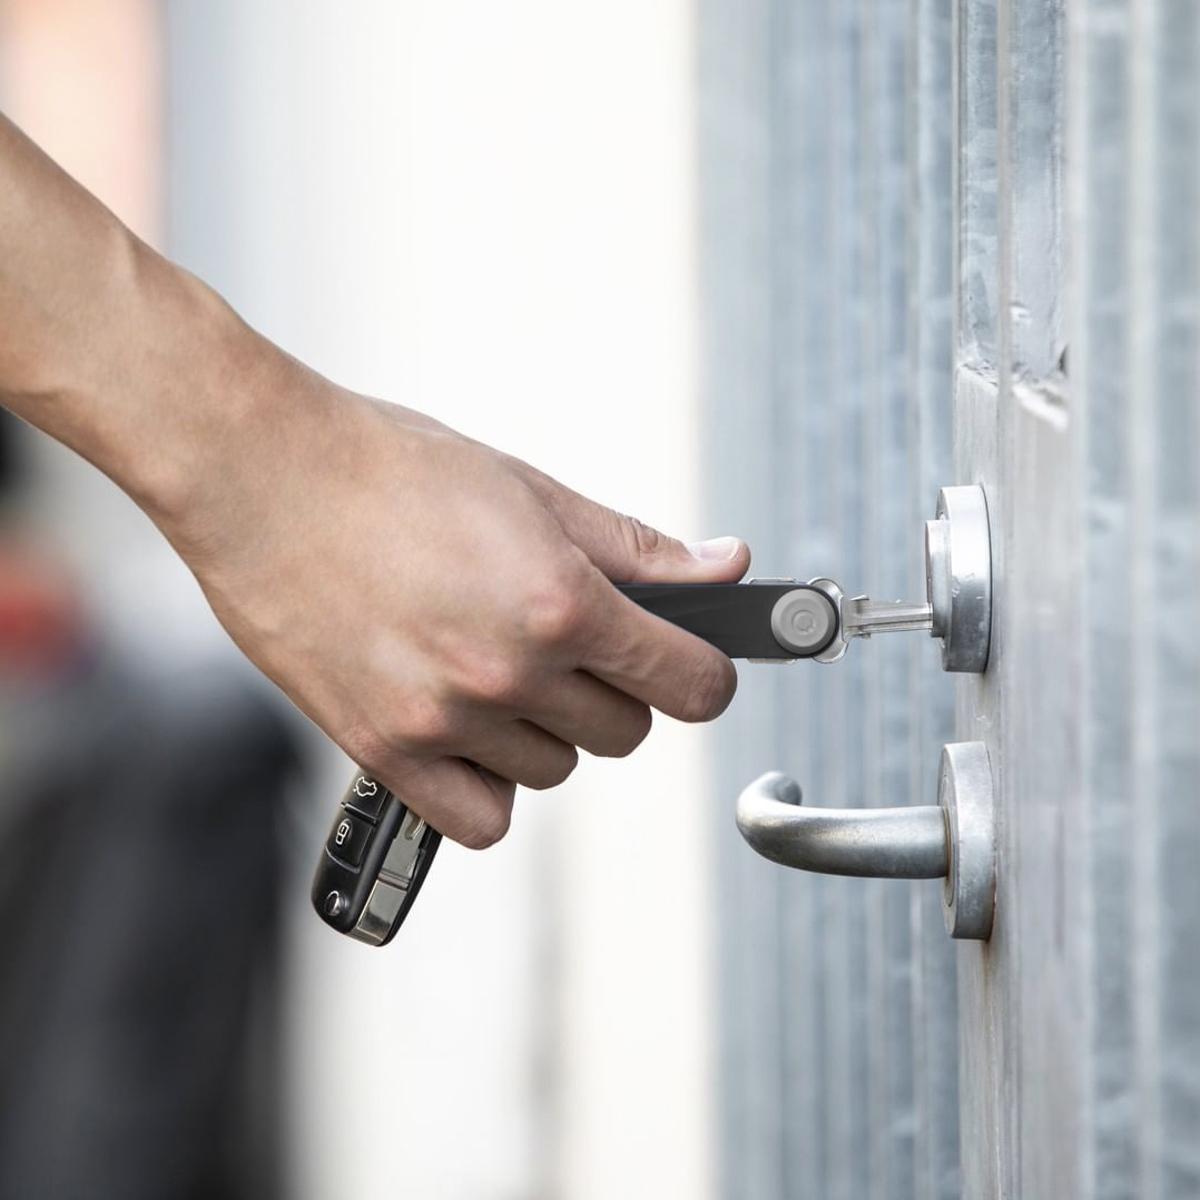 『鍵収納』をデザインする|《アクティブ》もうドア前で迷わない。「鍵収納」を追求したスリムなキーケース|Orbitkey